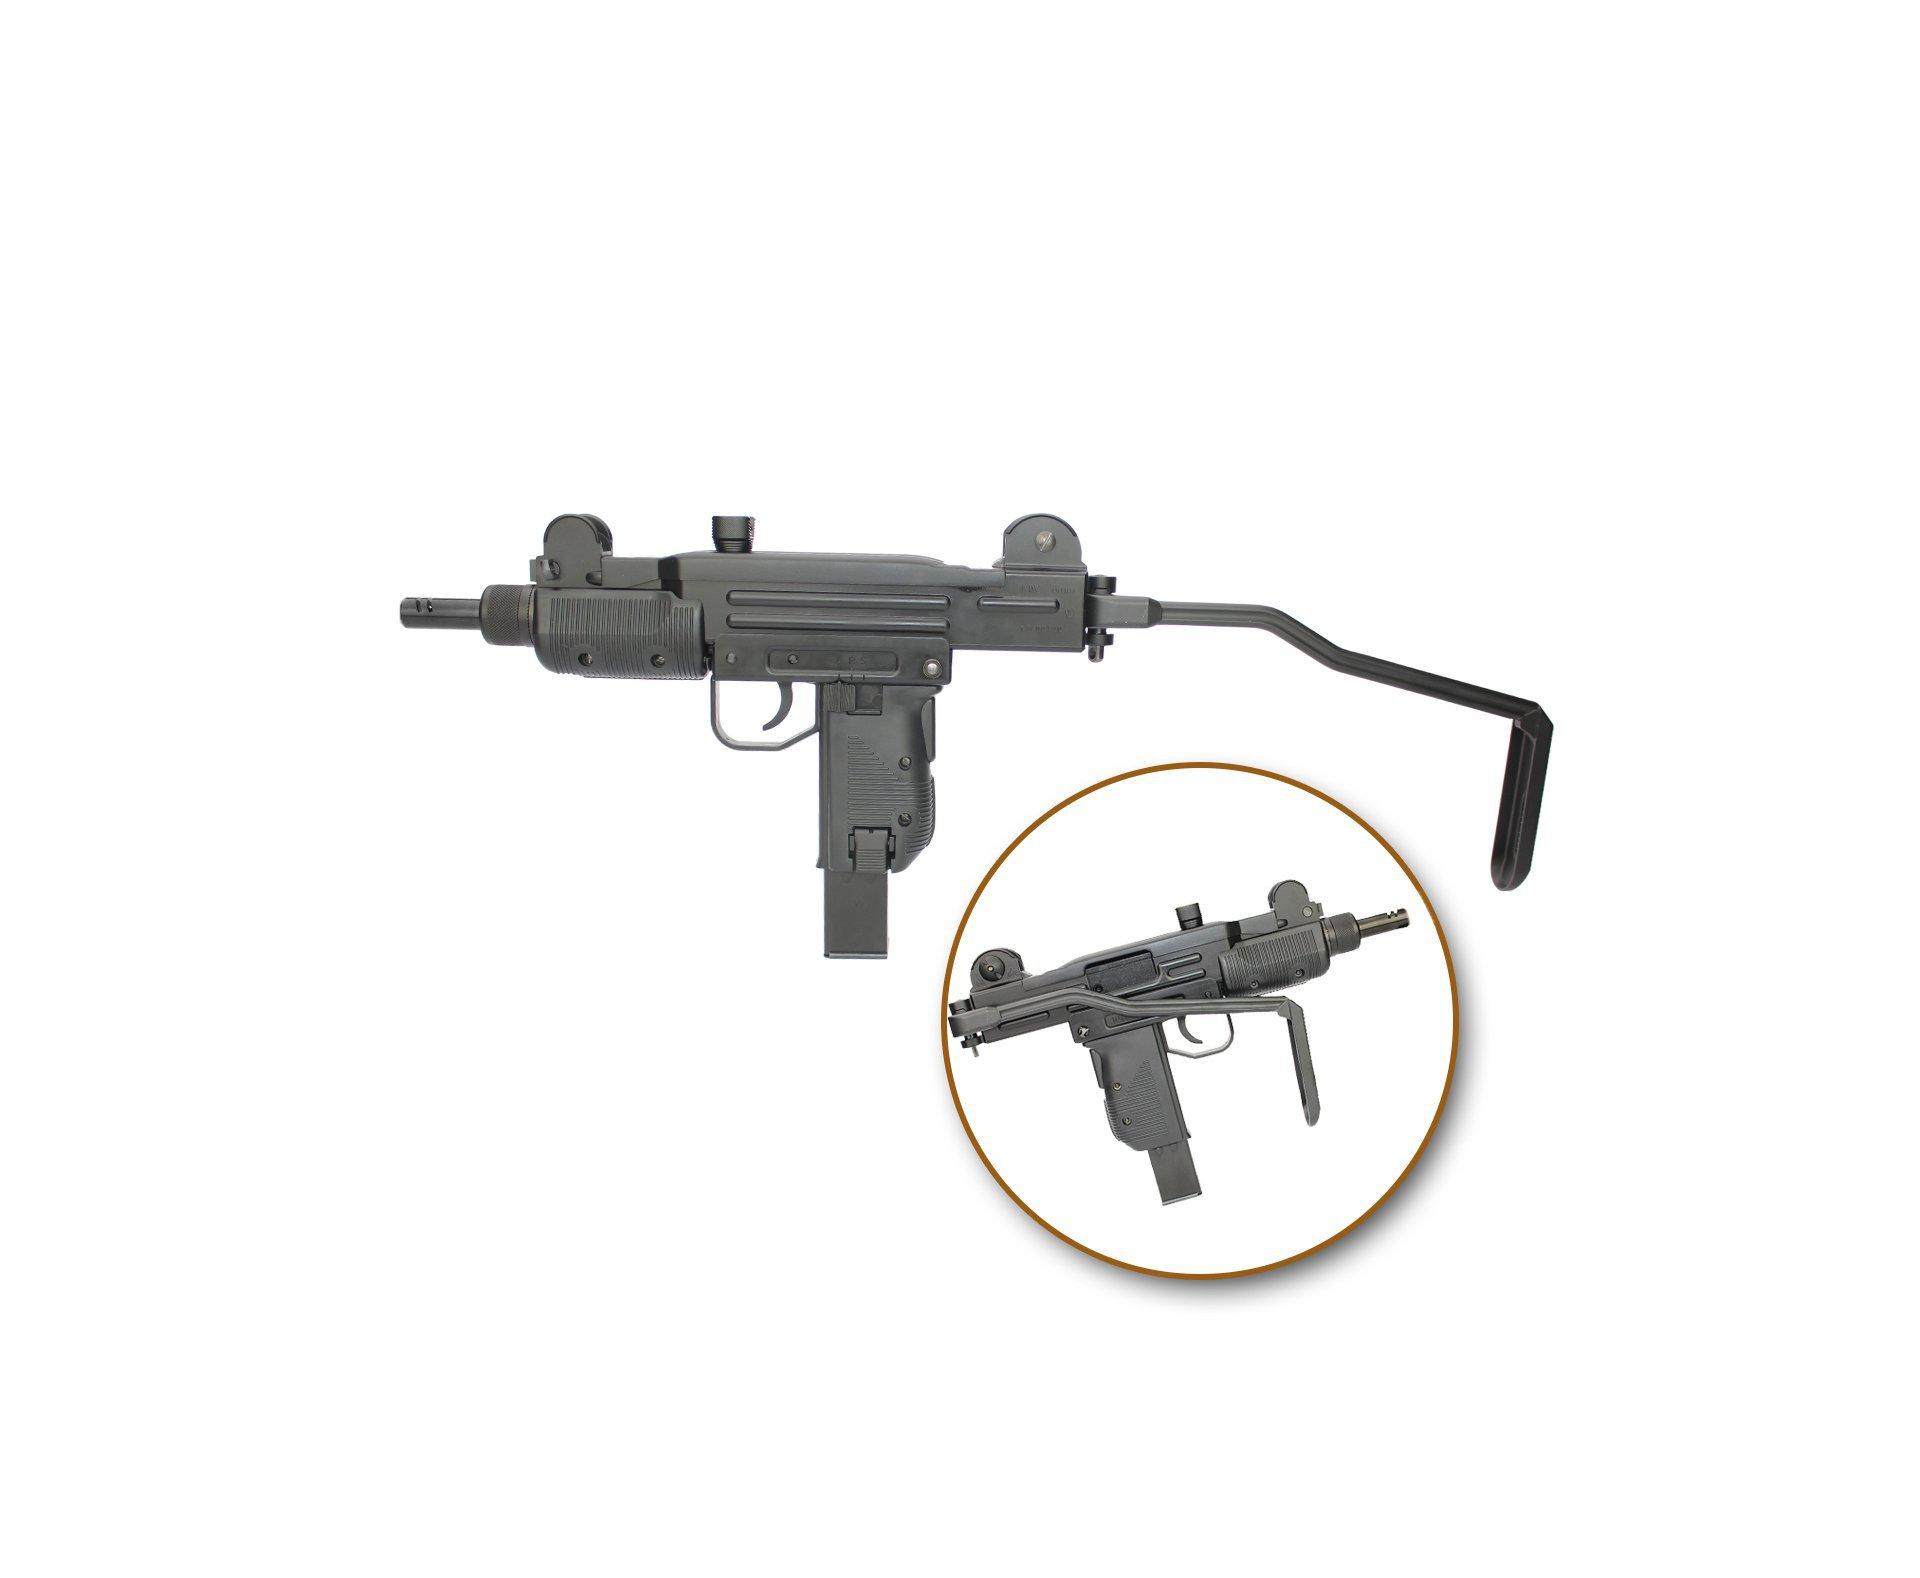 Rifle De Pressão Co2 Sub-metralhadora Mini Uzi Full Metal Blowback 4.5mm Kwc